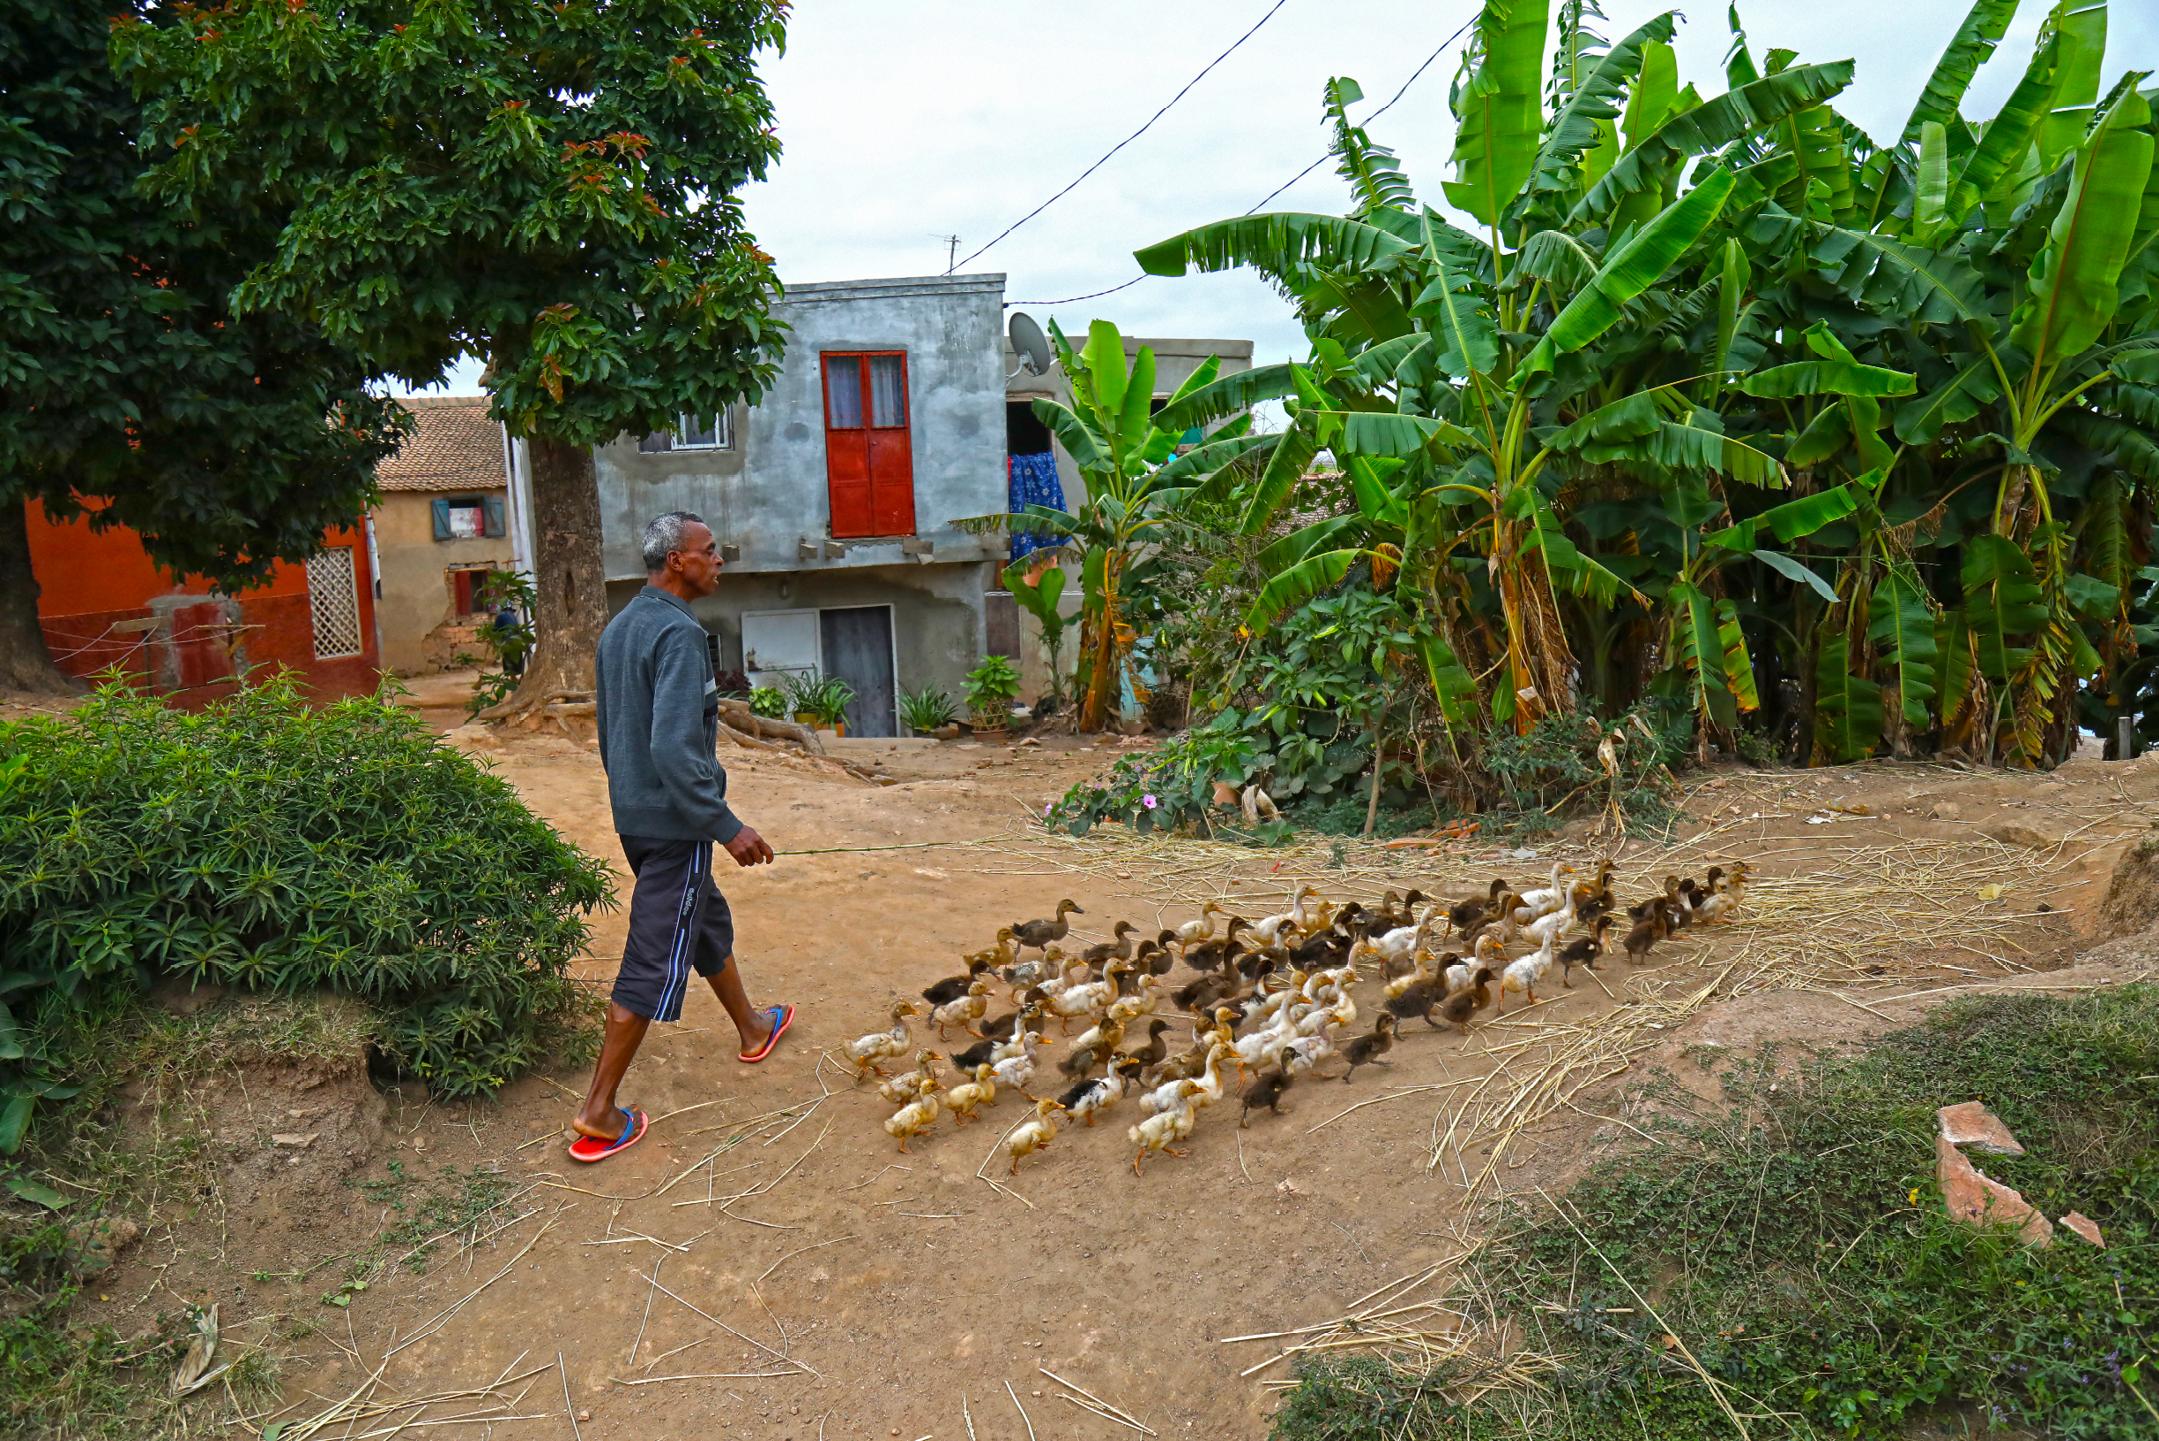 풍경_오리카우보이, 안타나나리보_마다가스카르, 30.5 x 45